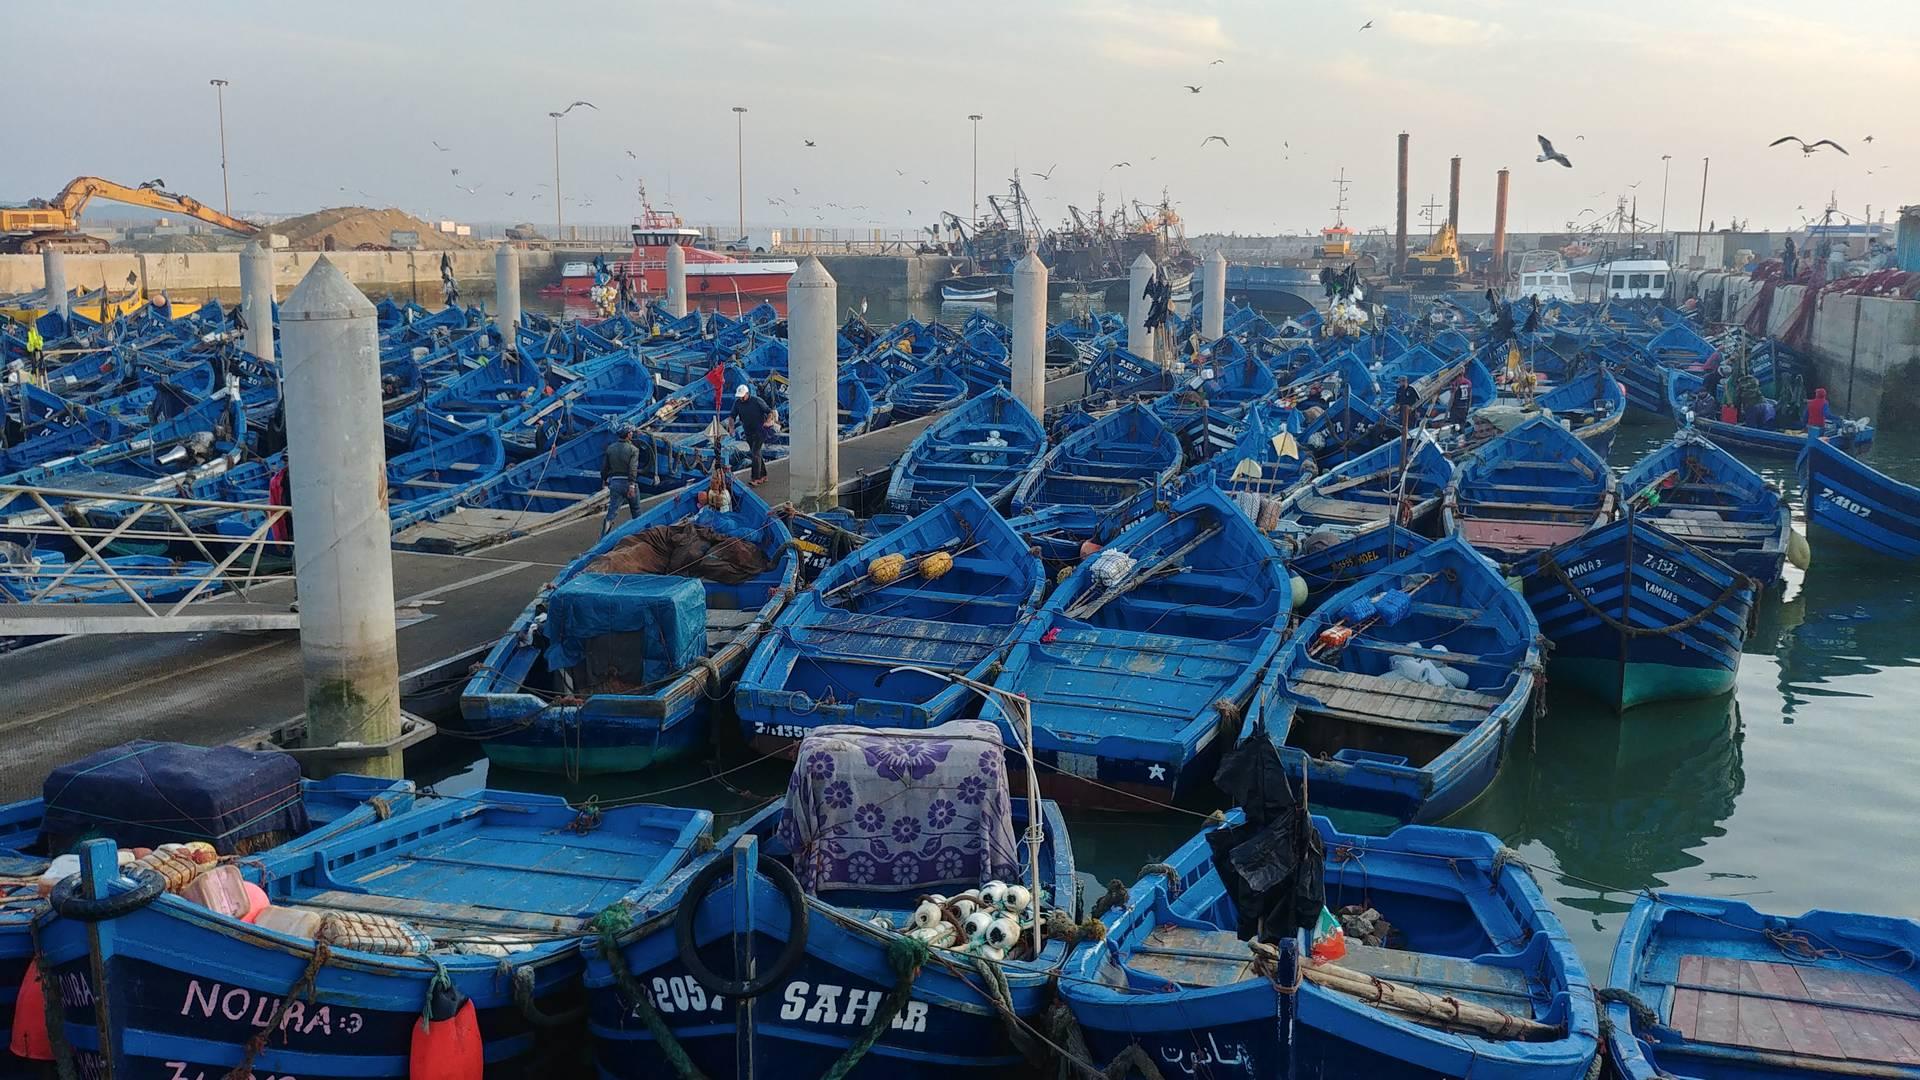 Maroc - Bateaux de pêche dans le port d'Essaouira